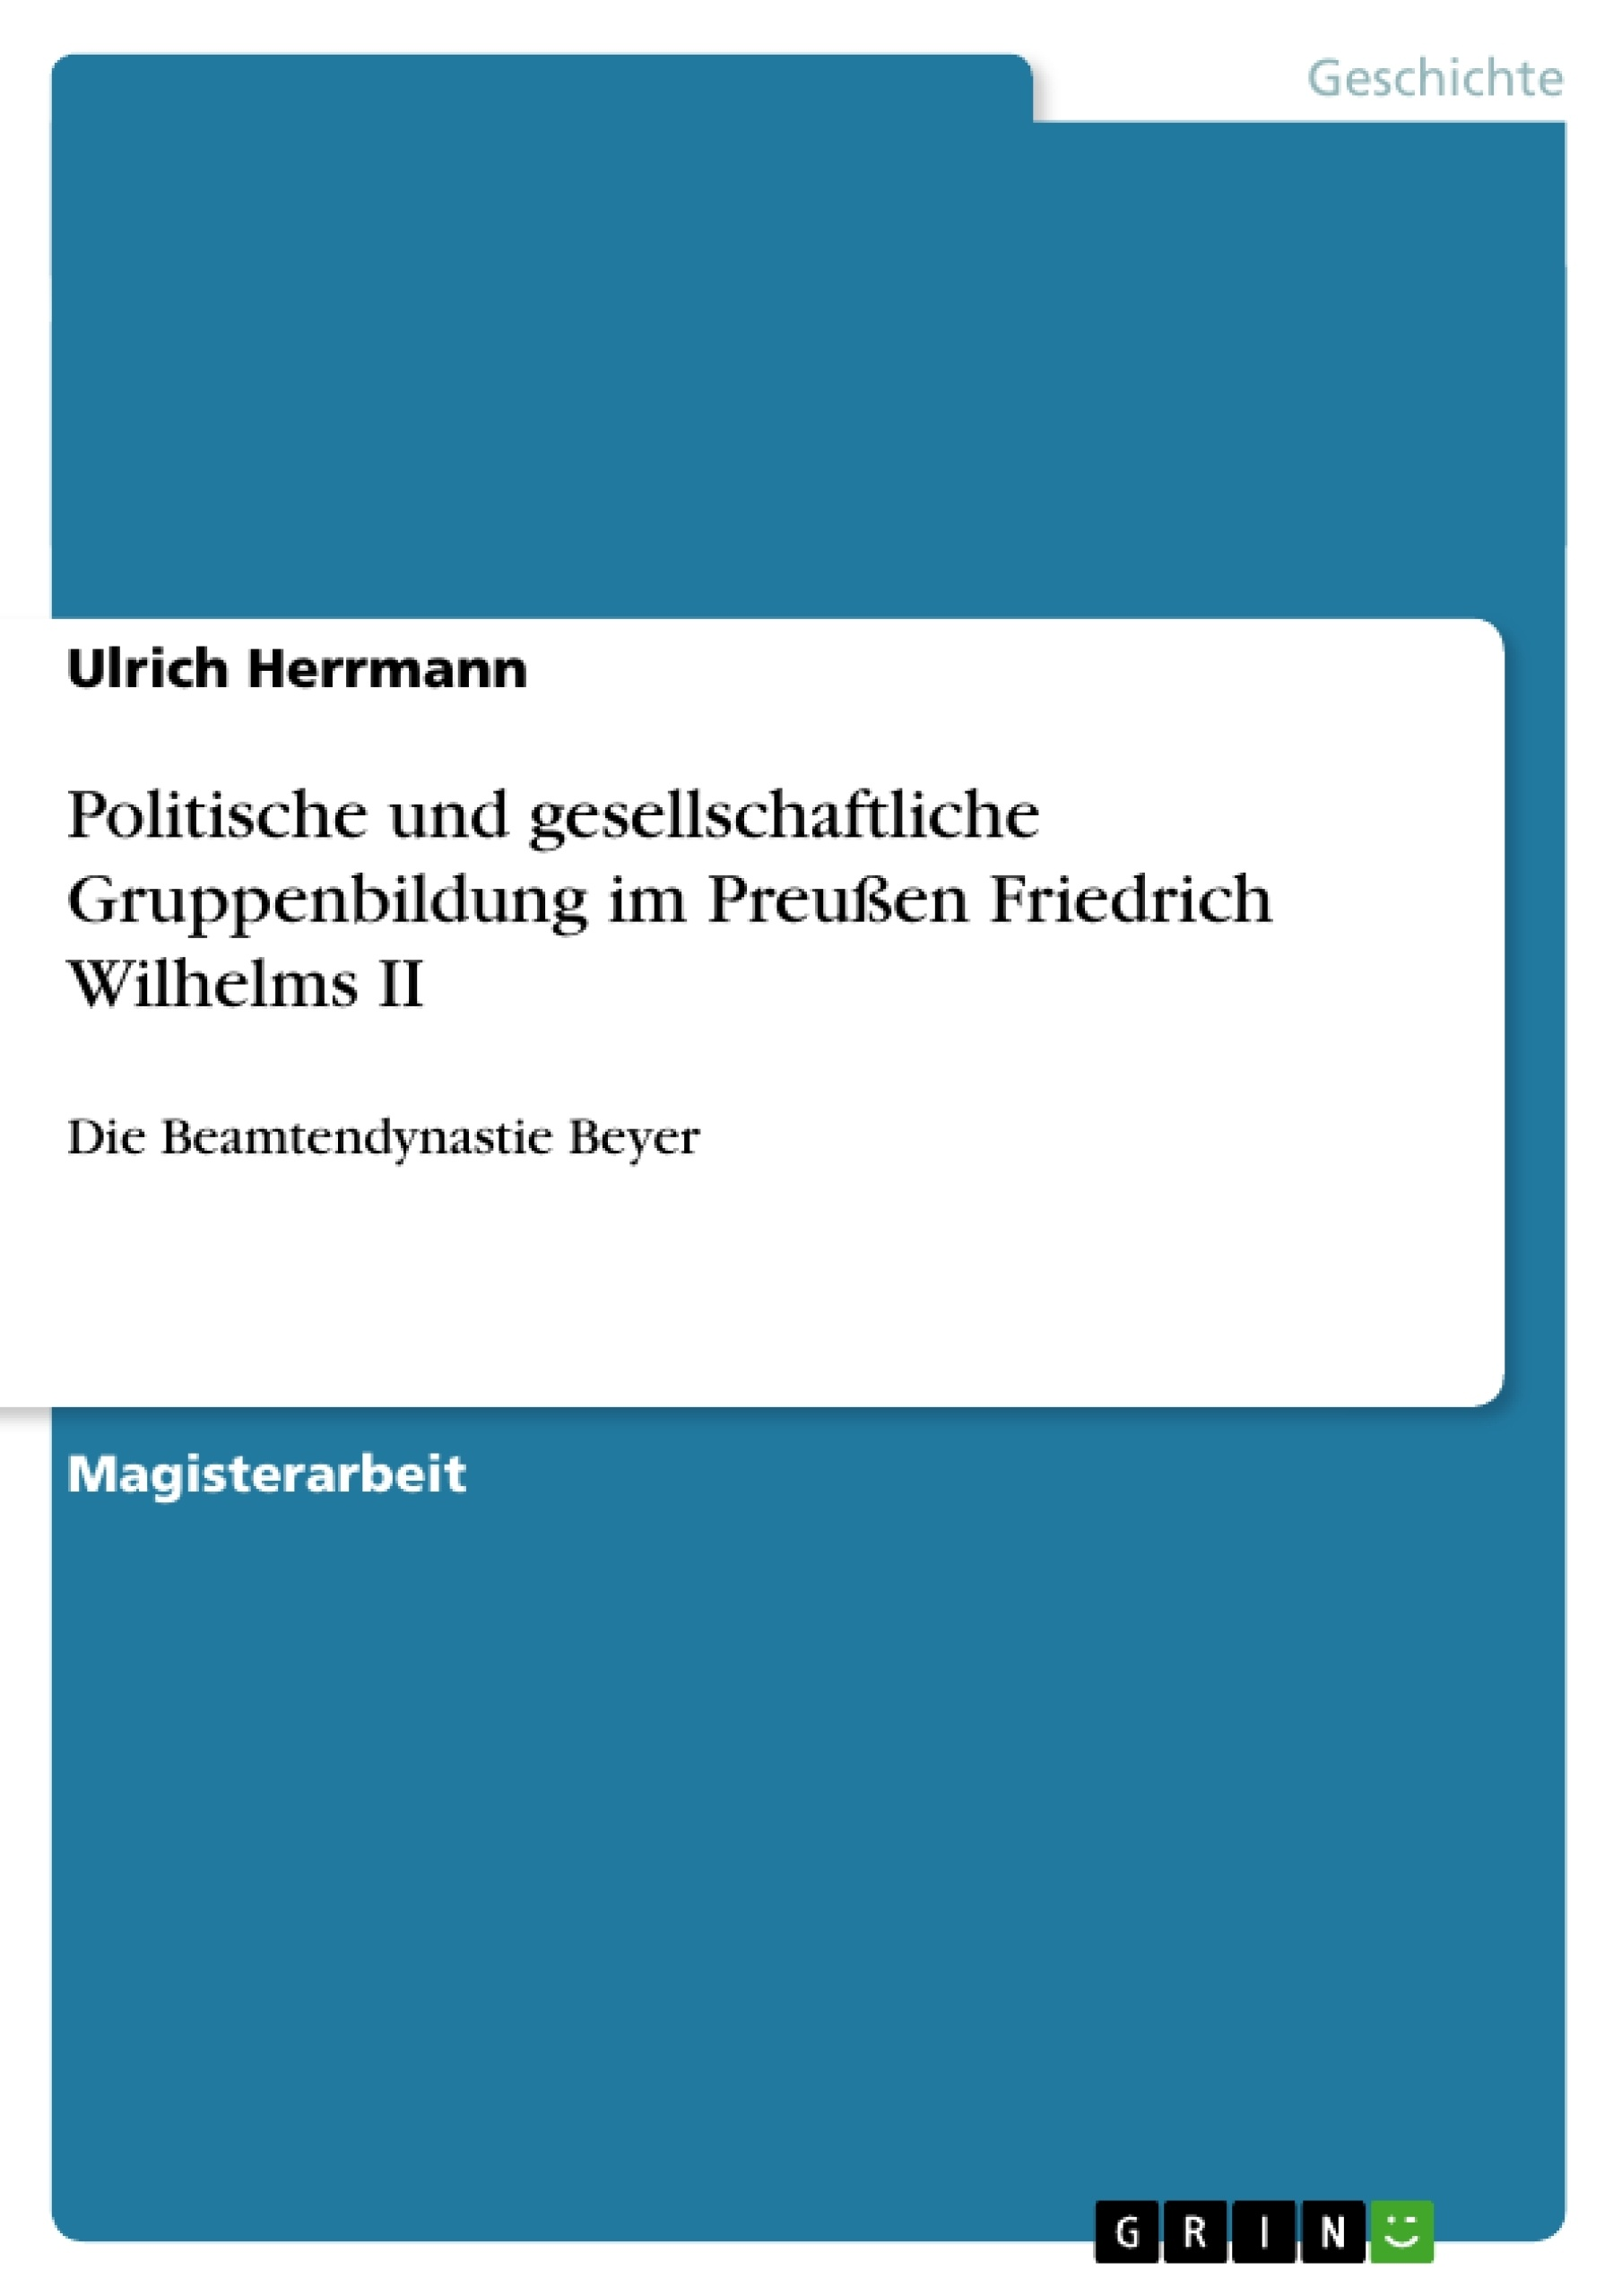 Titel: Politische und gesellschaftliche Gruppenbildung im Preußen Friedrich Wilhelms II